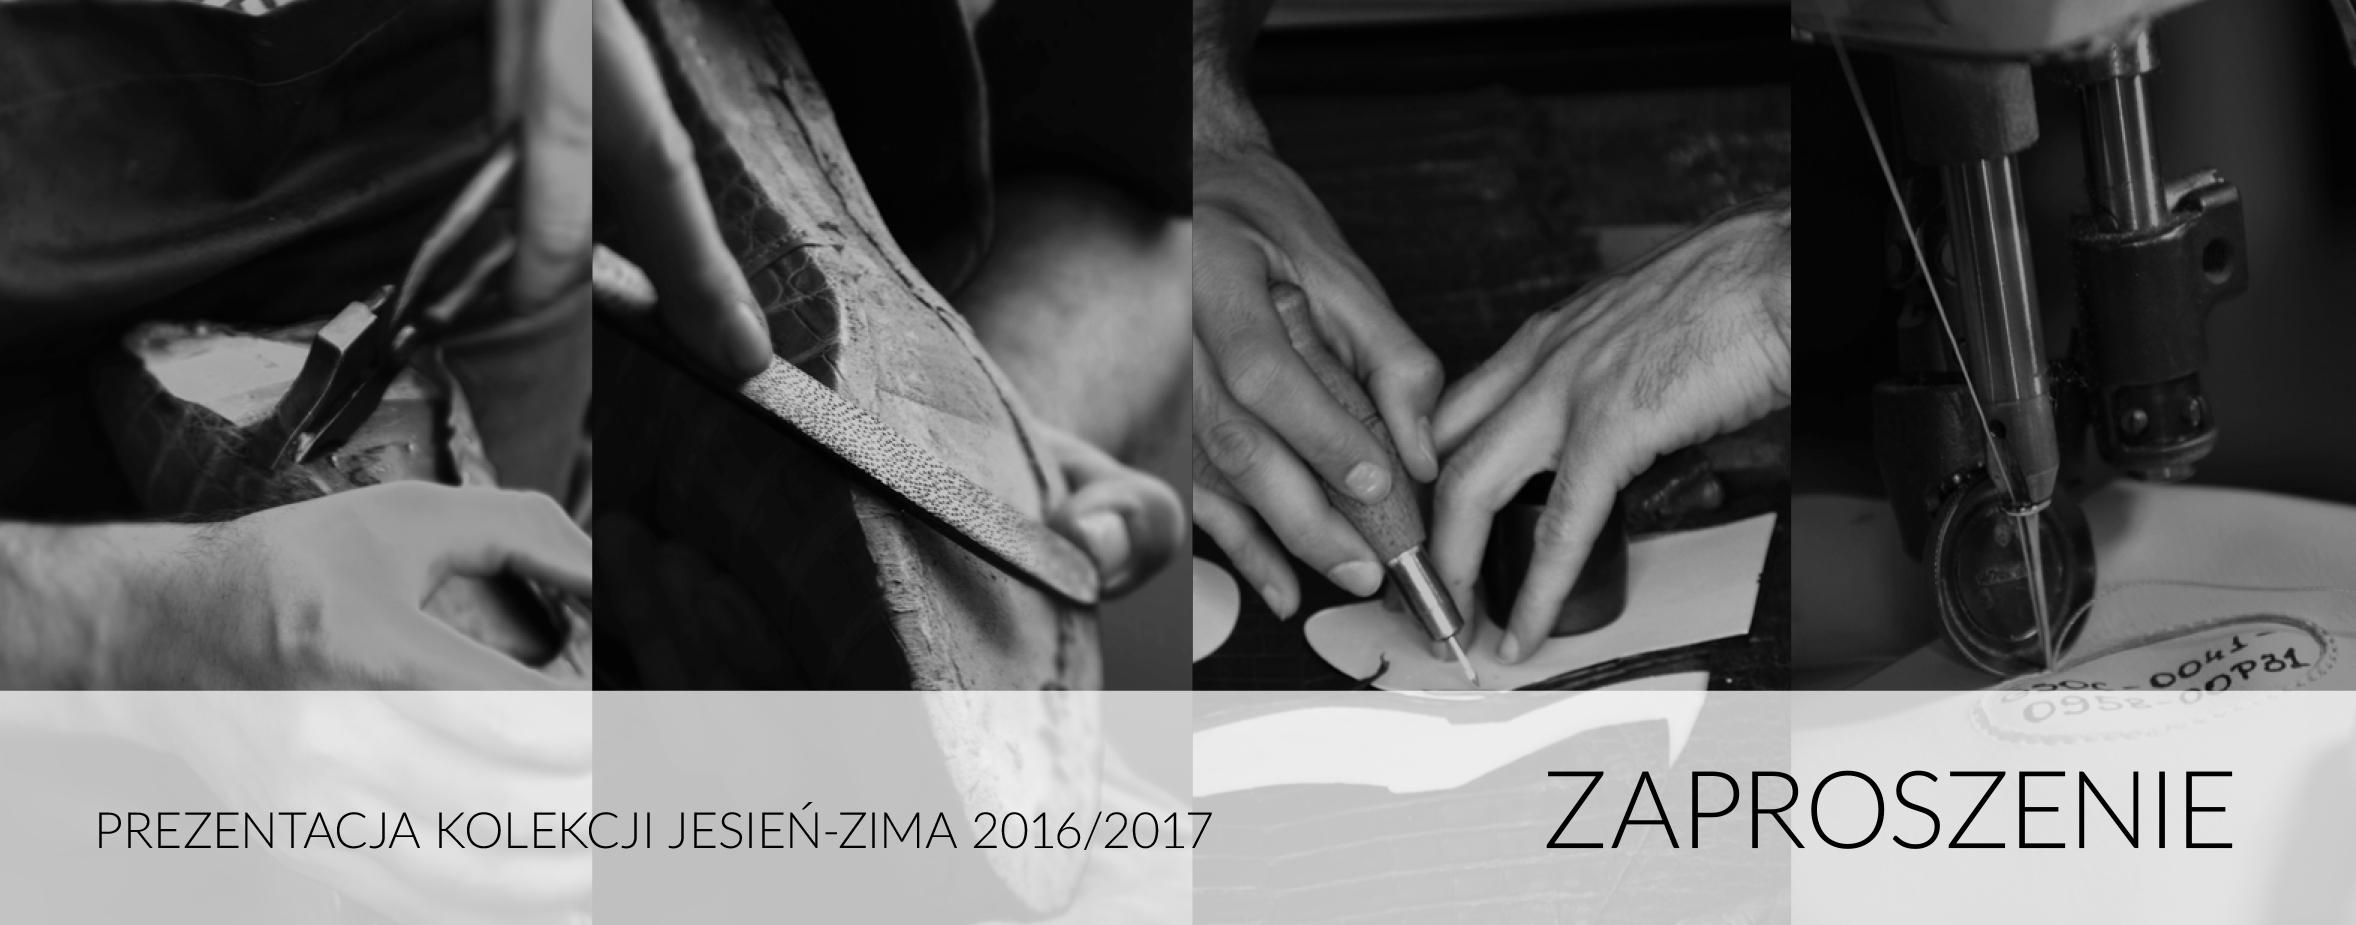 zaproszenie-jesien-zima2016-www